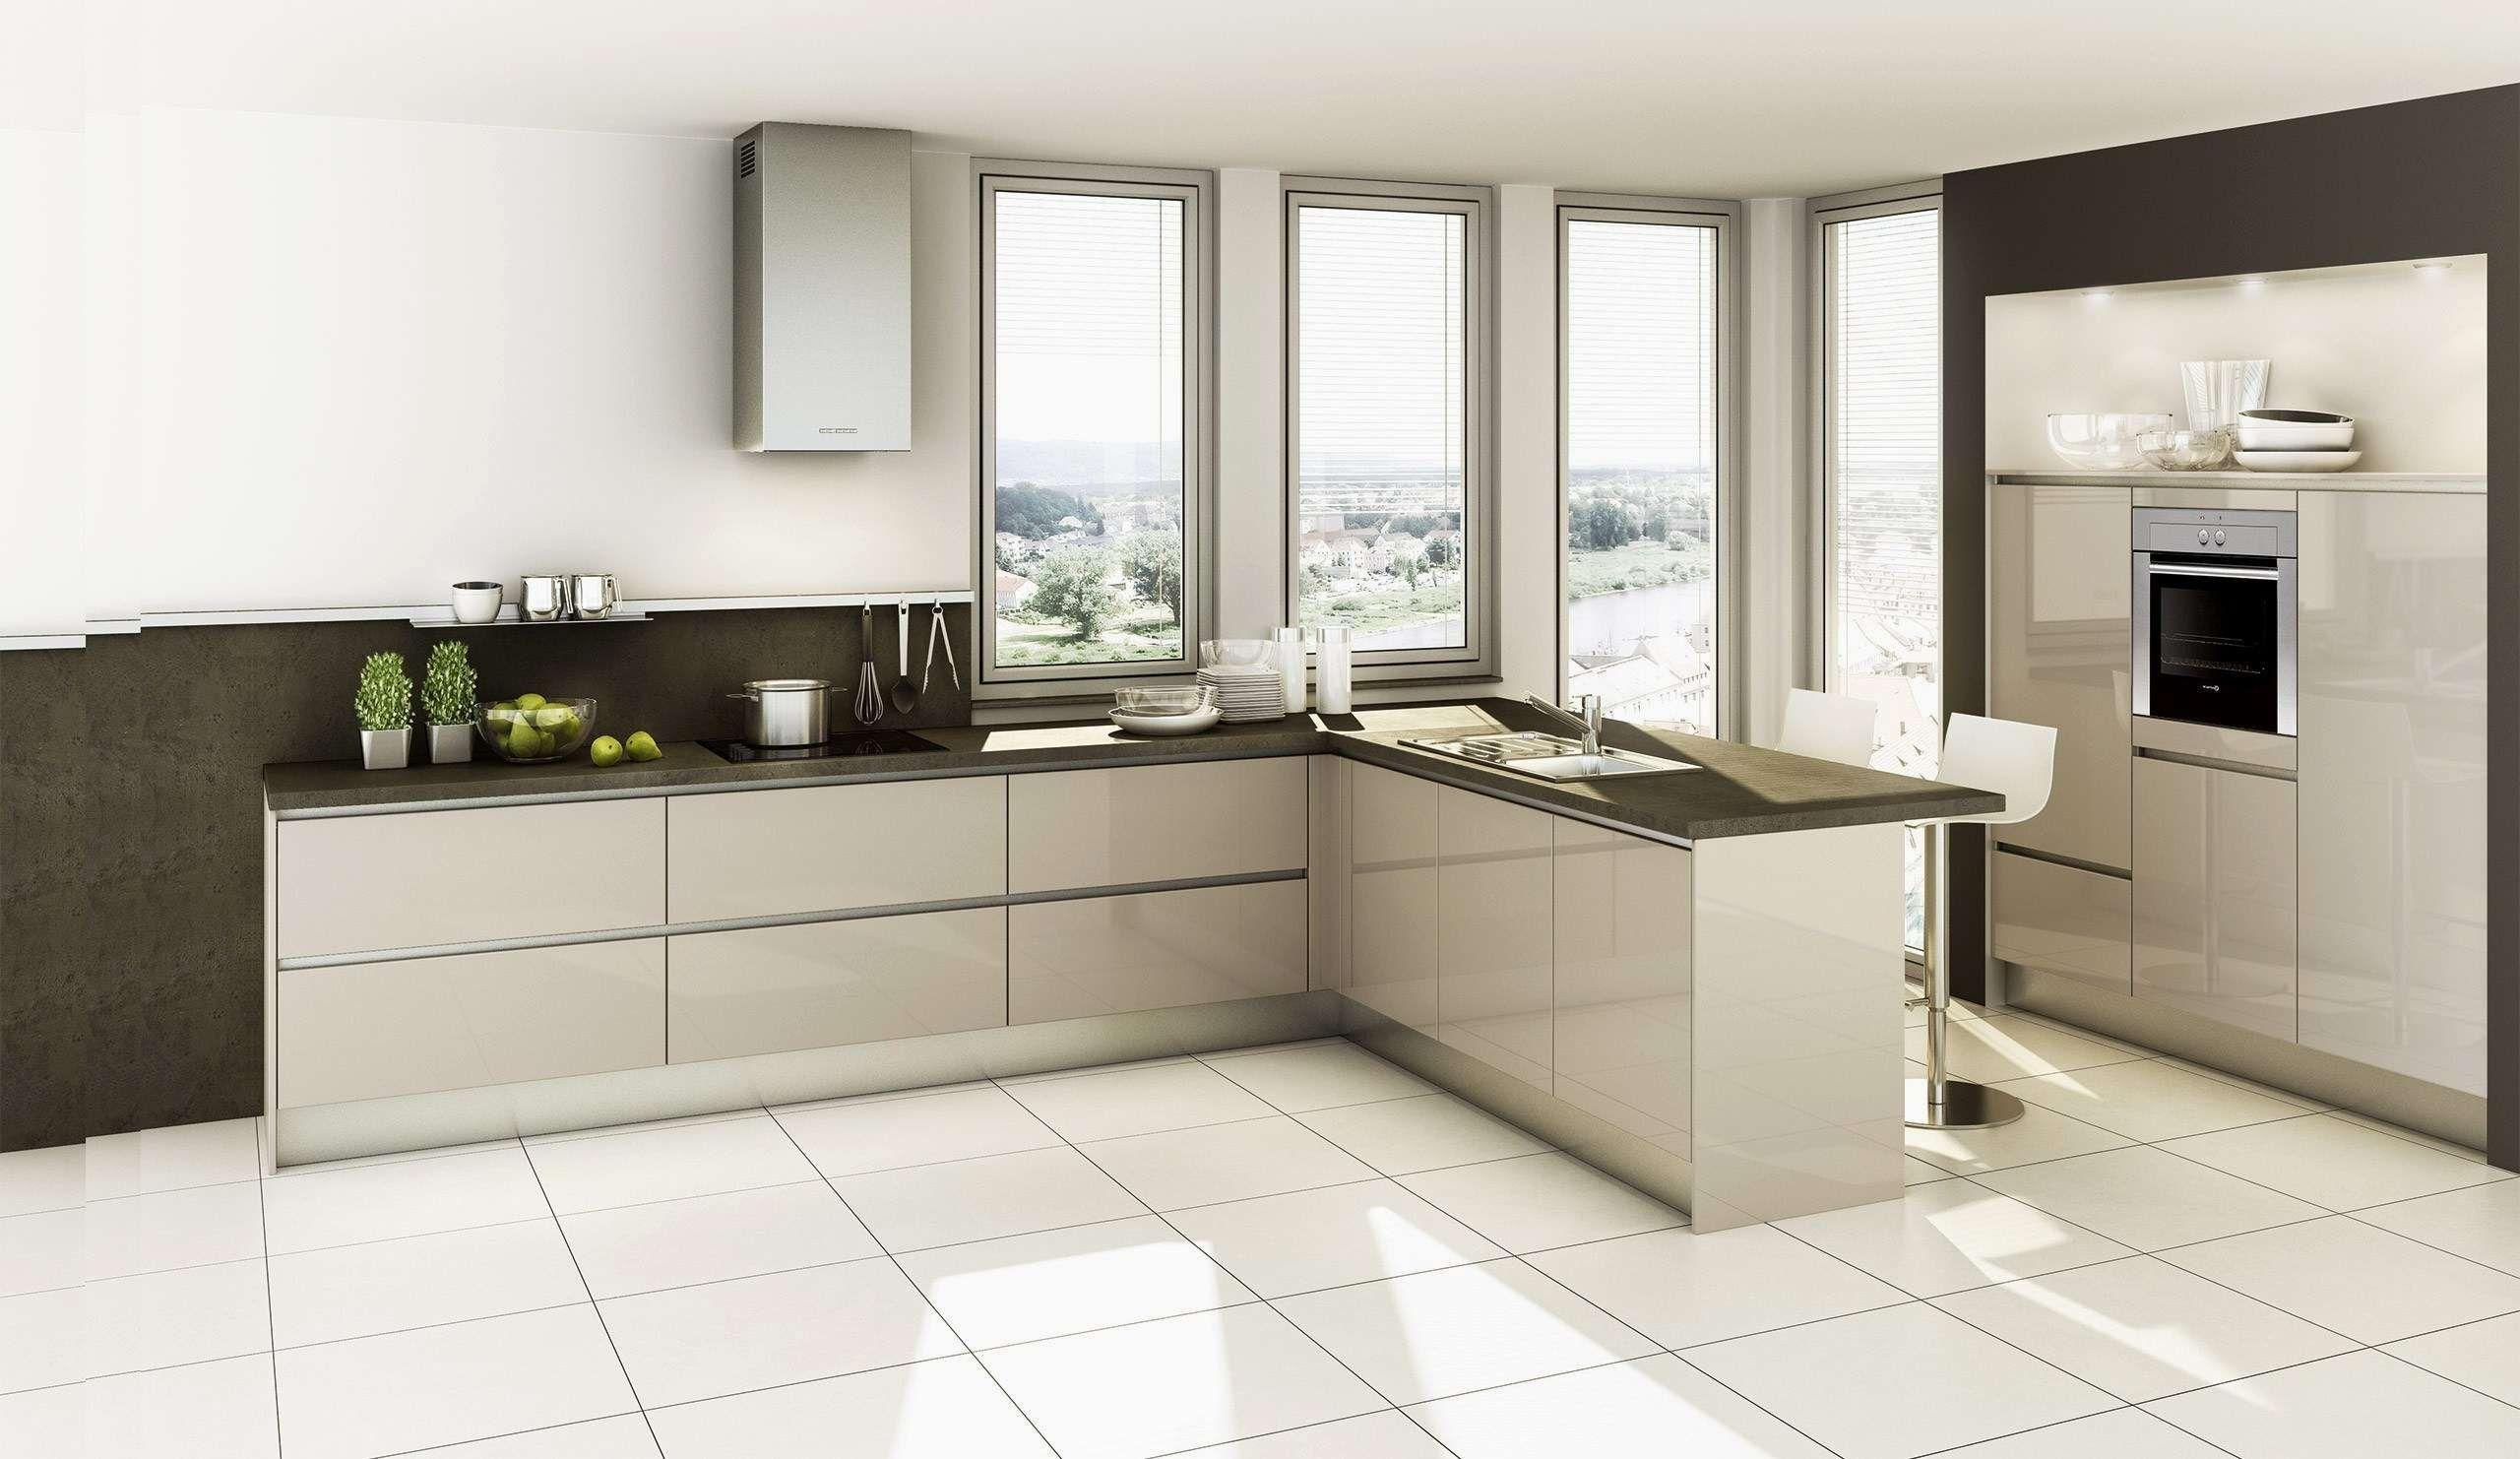 29 Inspirierend Arbeitsplatte Kuche Granit Grau Kitchen